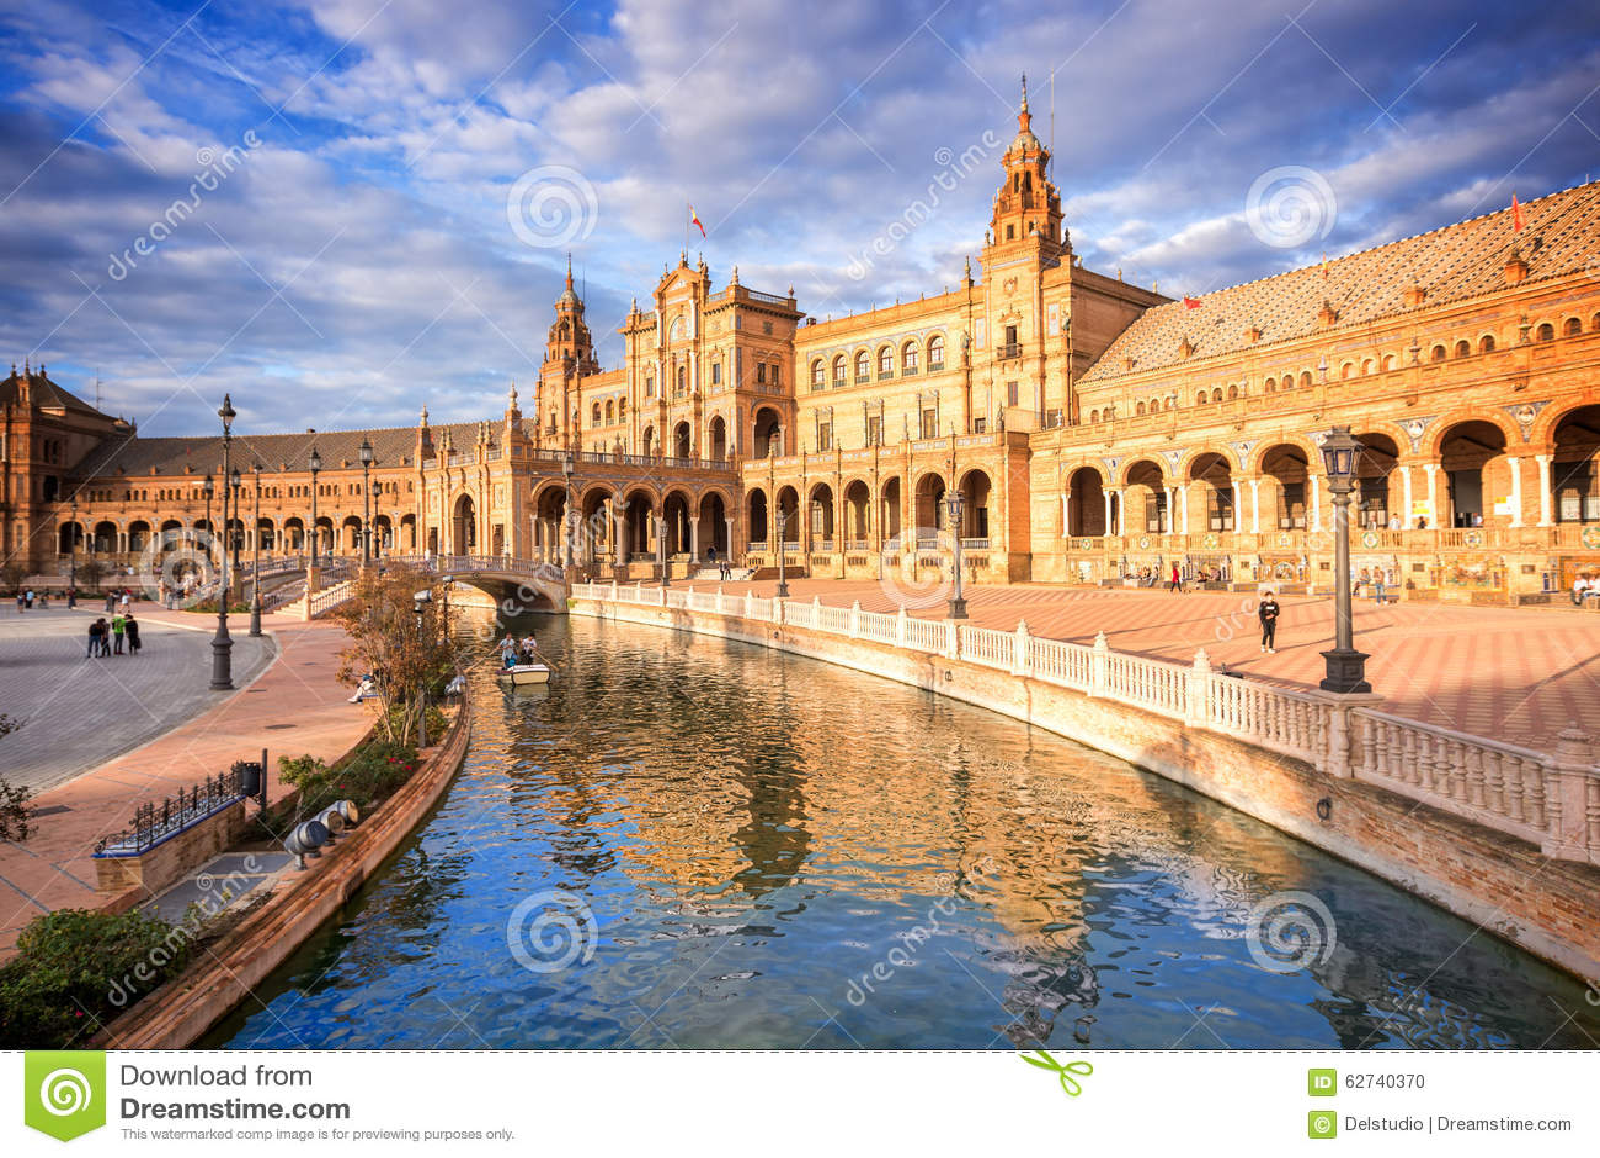 Plaza de西班牙(西班牙广场)在塞维利亚,西班牙